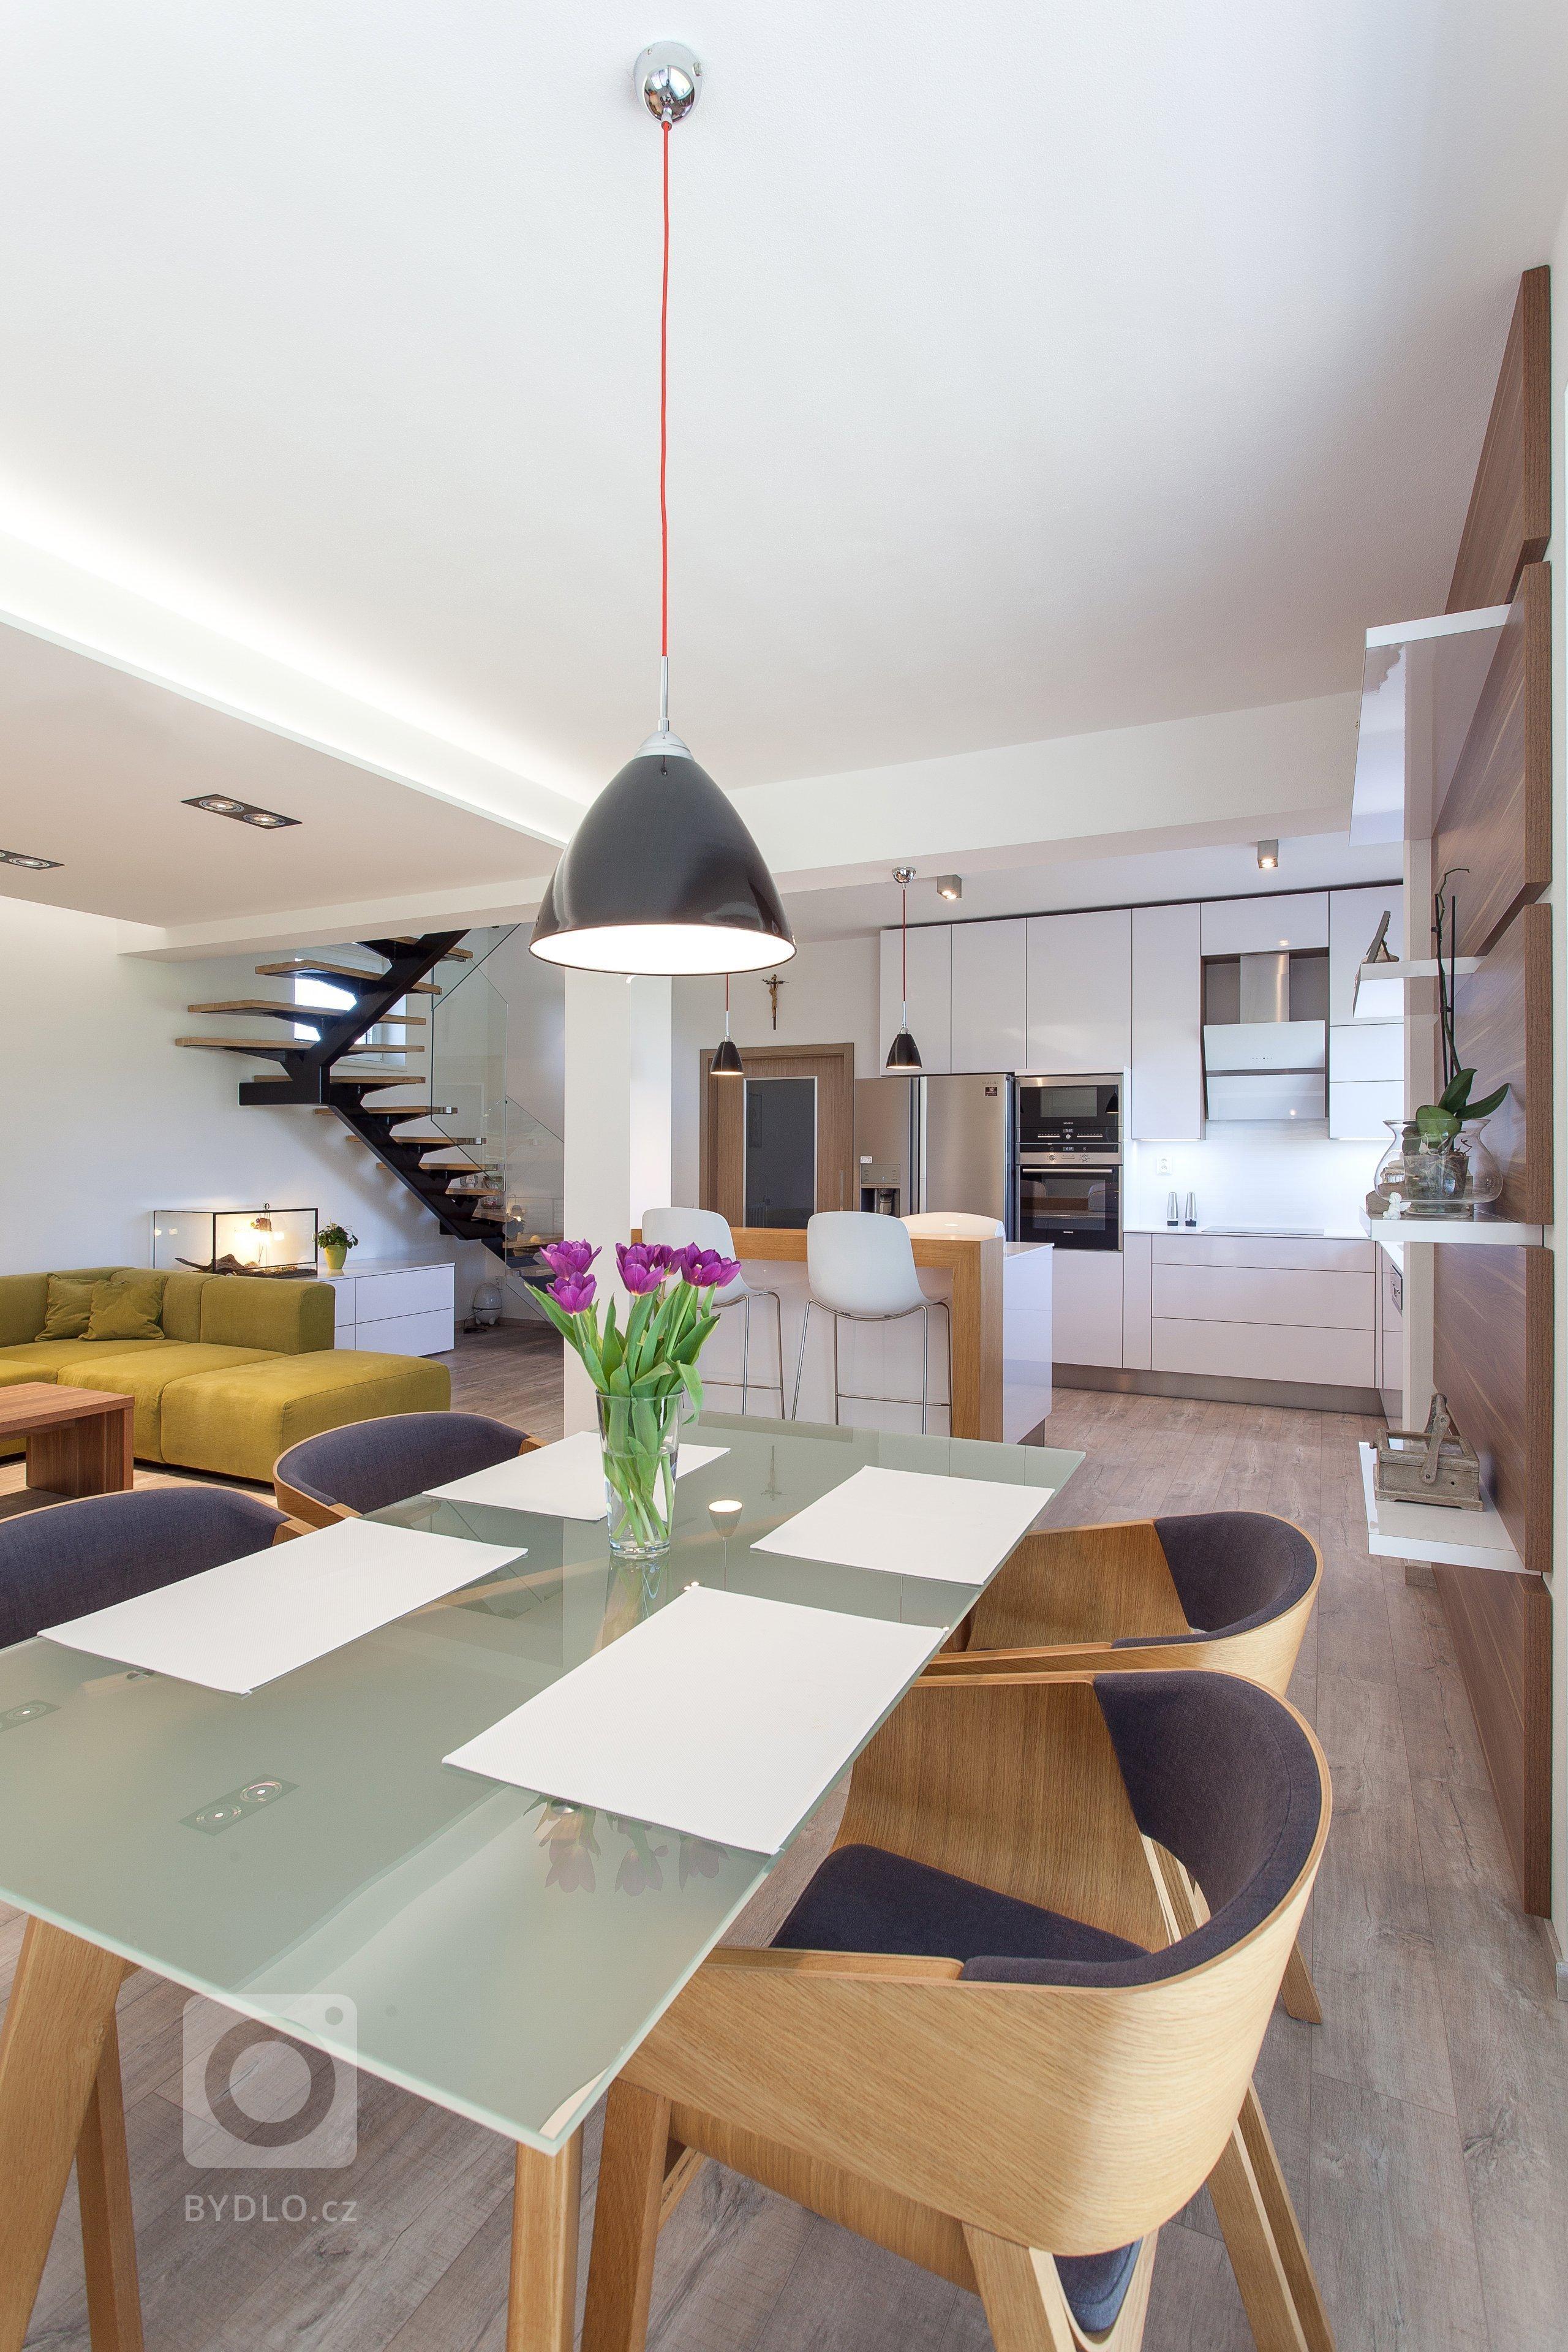 Ateliér Ideacollective navrhnul a kompletně realizoval interiér novostavby rodinného domu. Požadavkem náročného klienta bylo navržení moderního interiéru na…